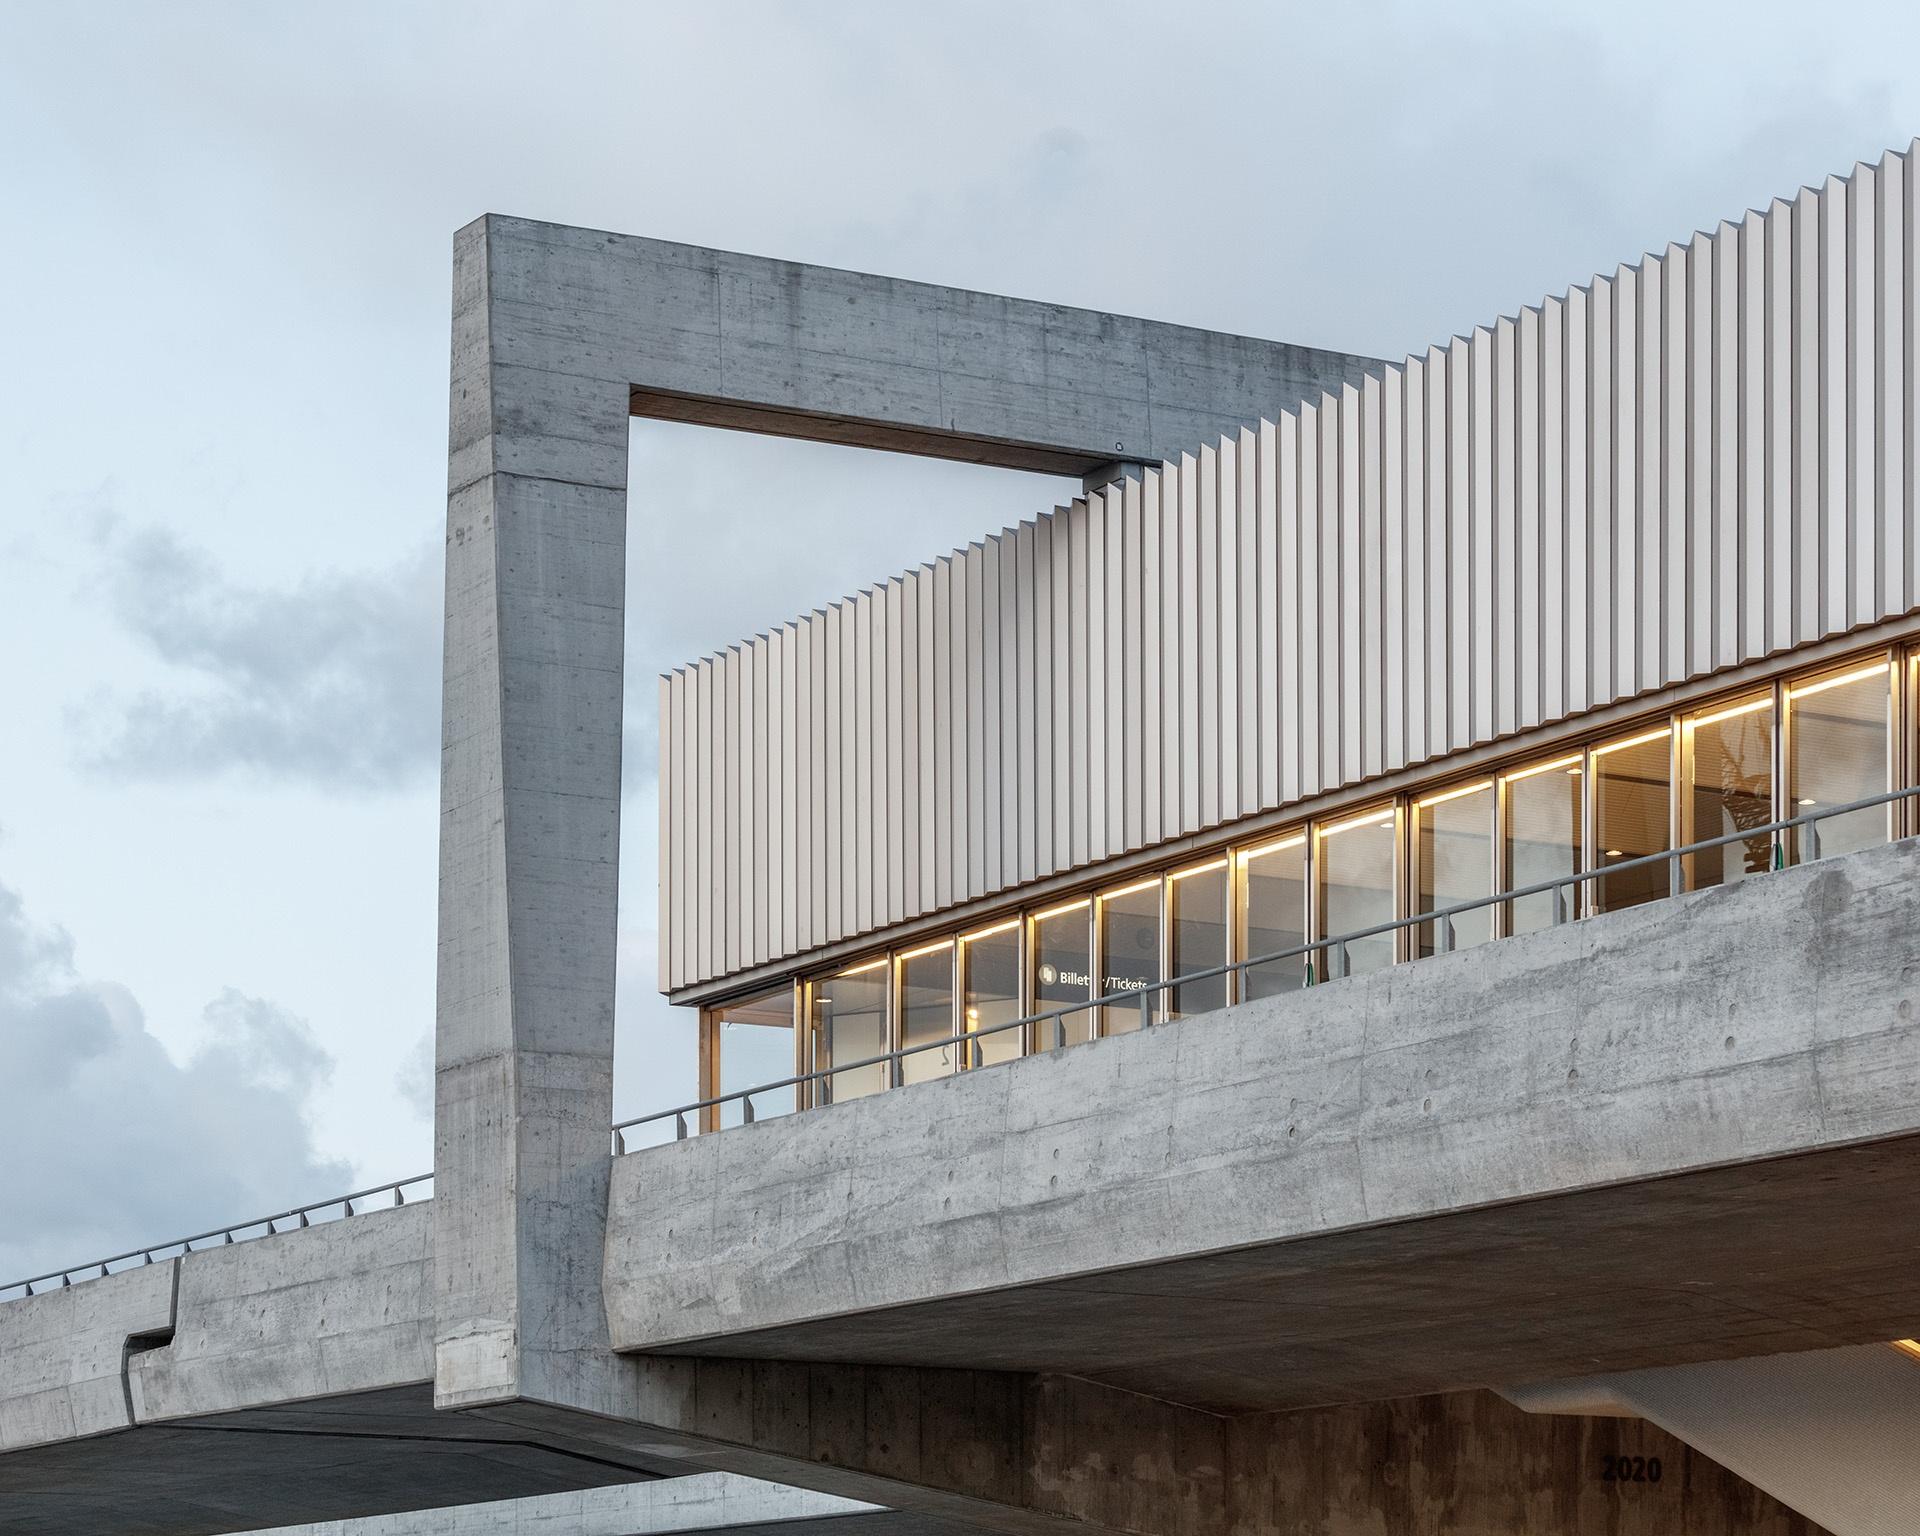 R_Hjortshoj - Metro Orientkaj WEB-62